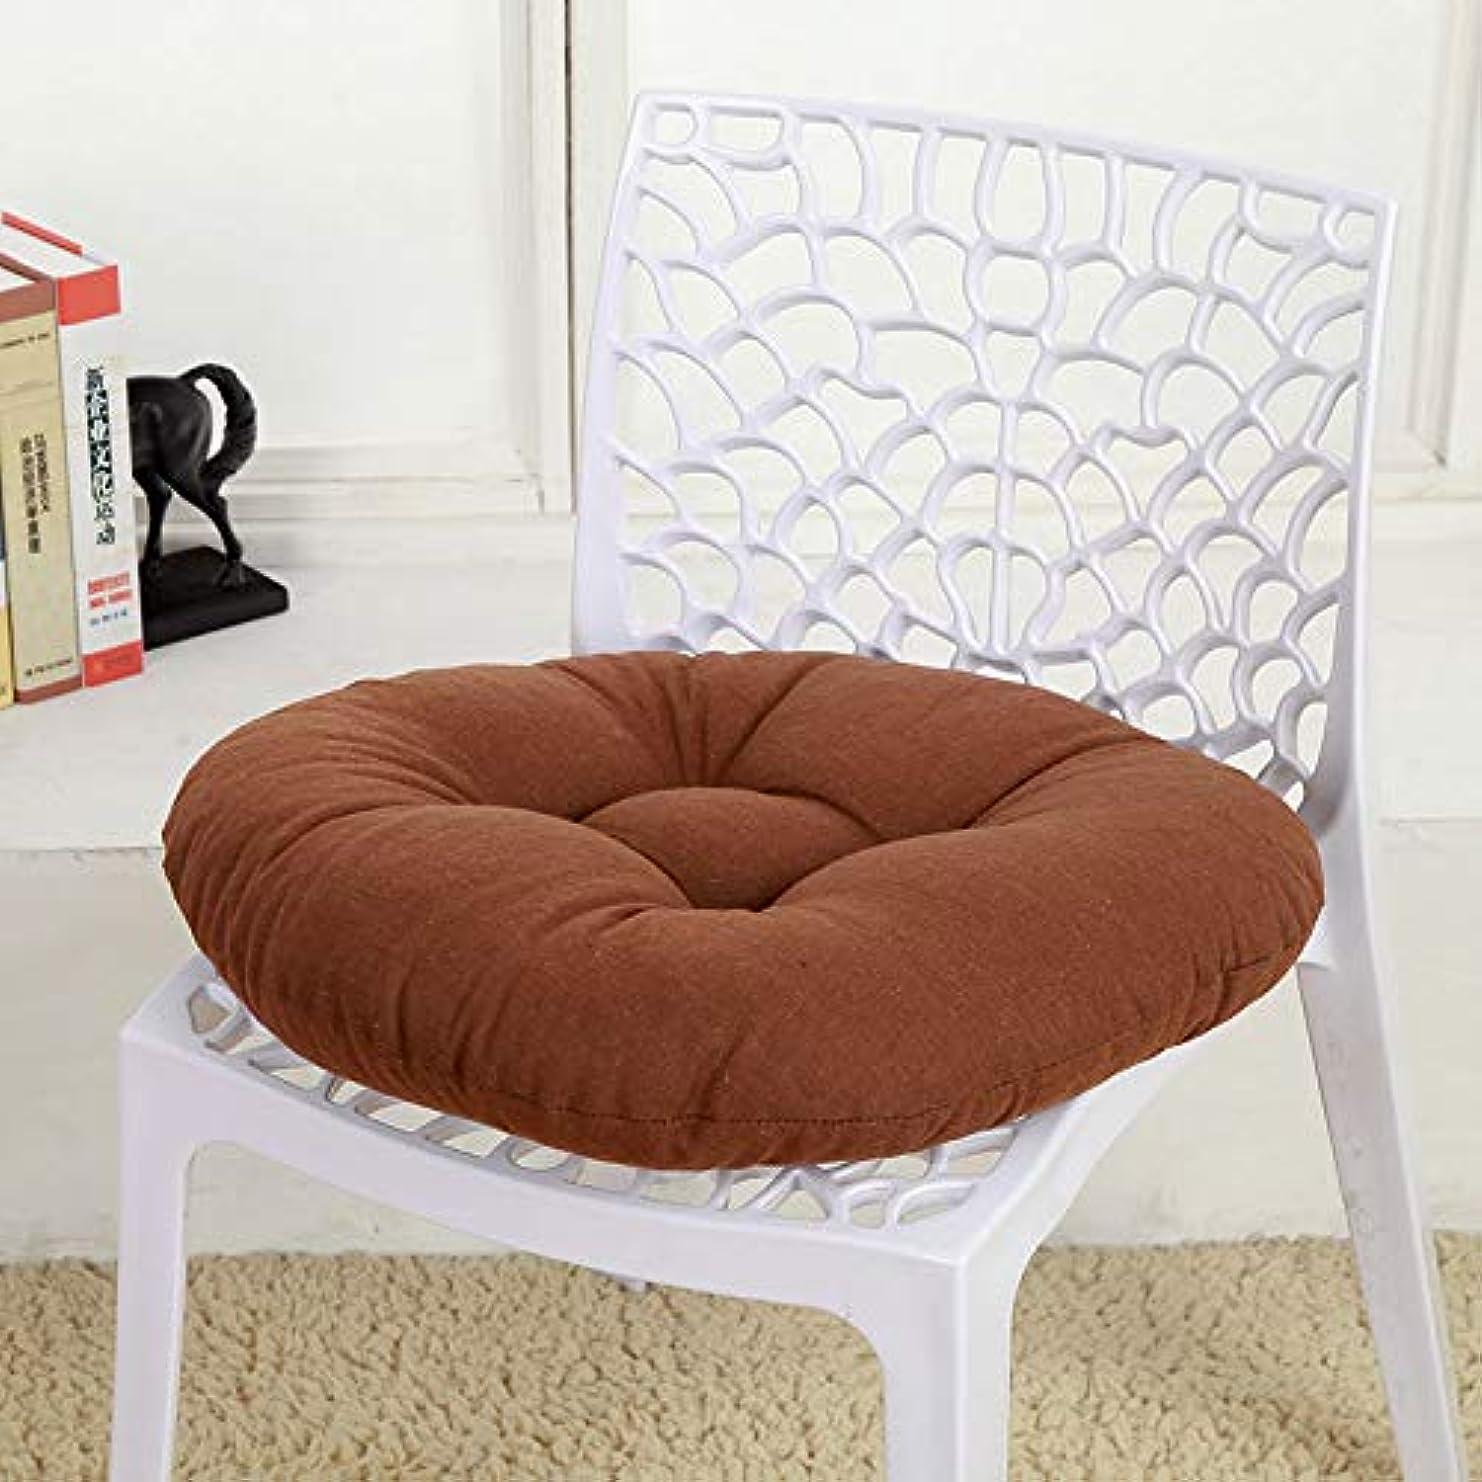 受信やがて社員SMART キャンディカラーのクッションラウンドシートクッション波ウィンドウシートクッションクッション家の装飾パッドラウンド枕シート枕椅子座る枕 クッション 椅子